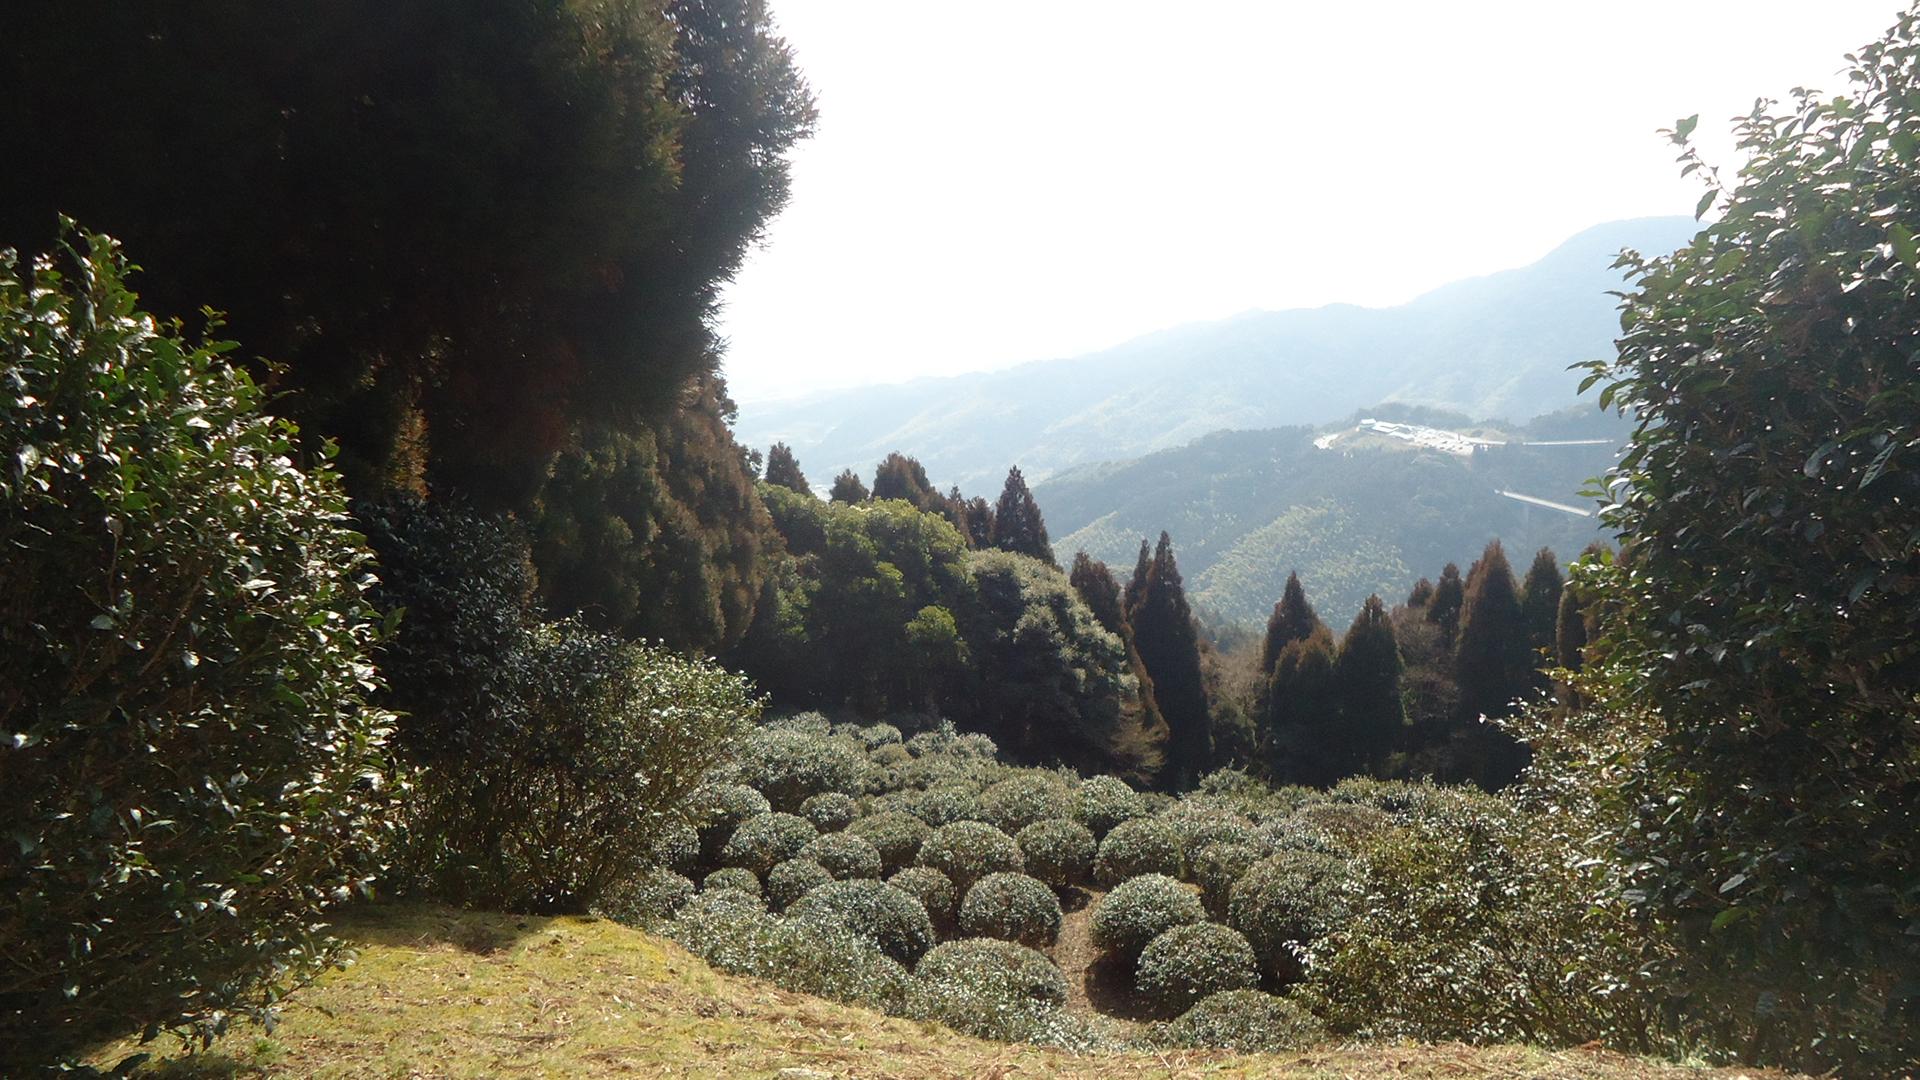 佐賀県神埼郡吉野ヶ里町 - 霊仙寺跡